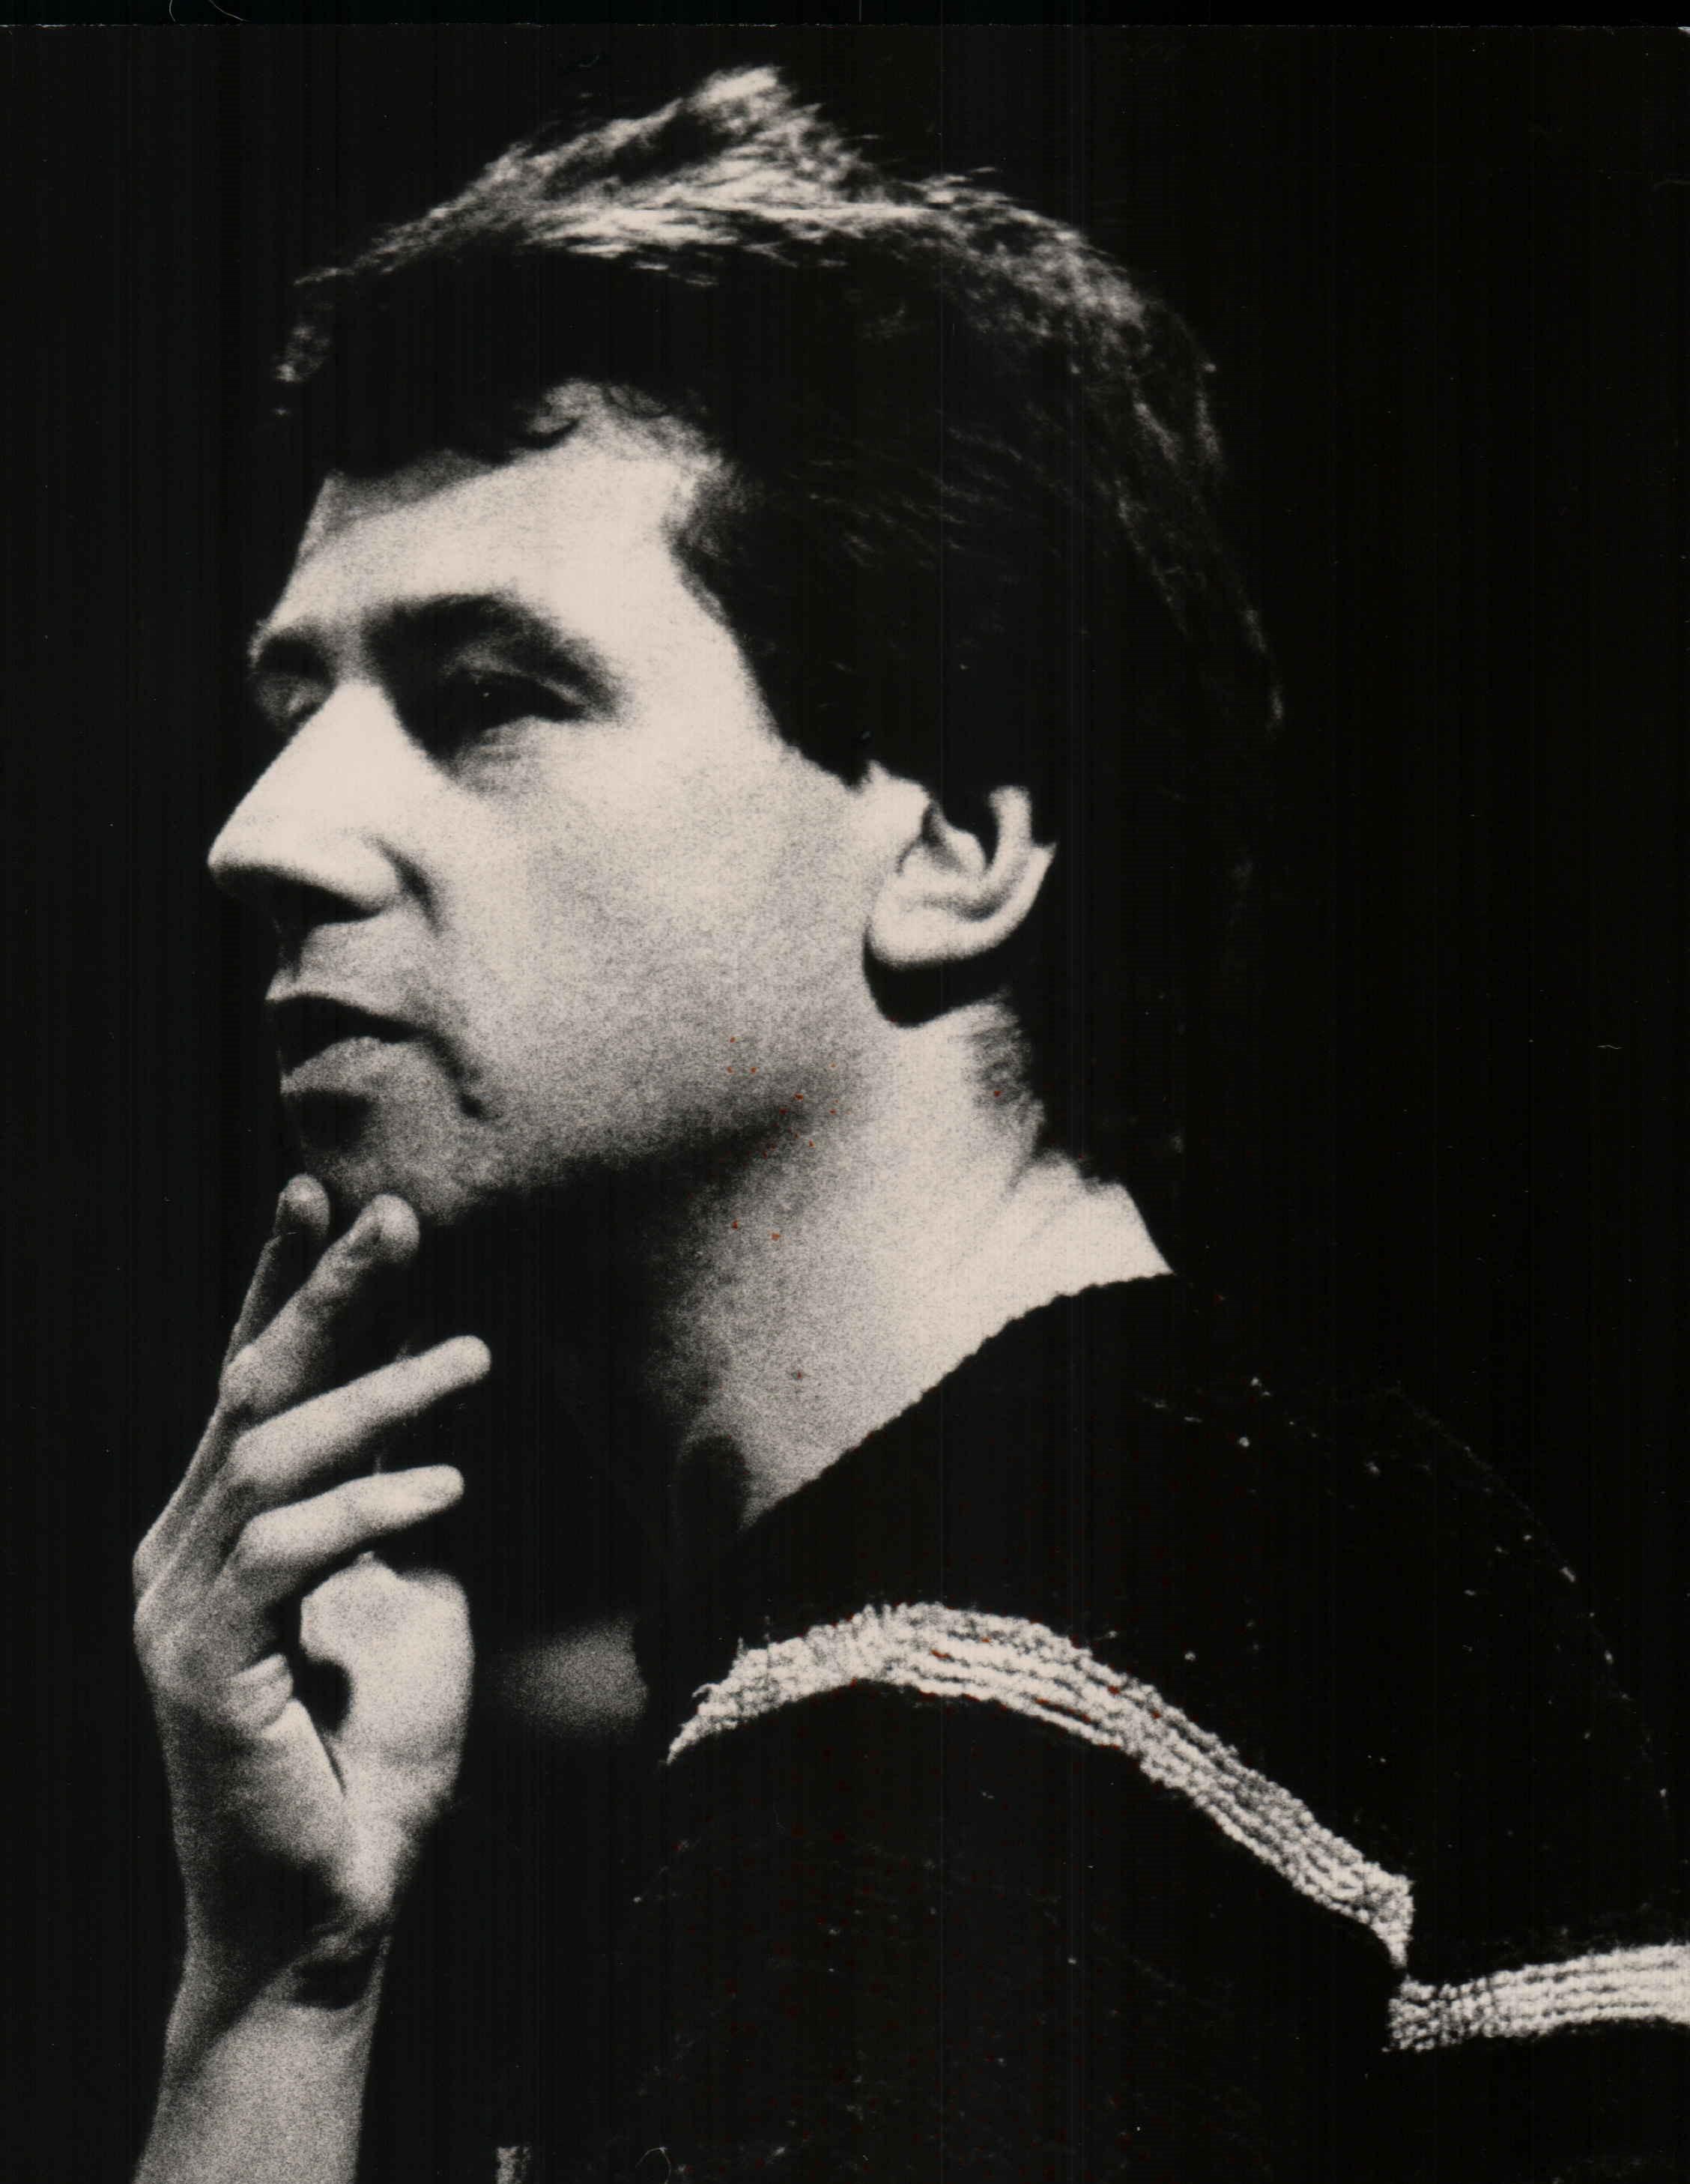 Roger Frampton